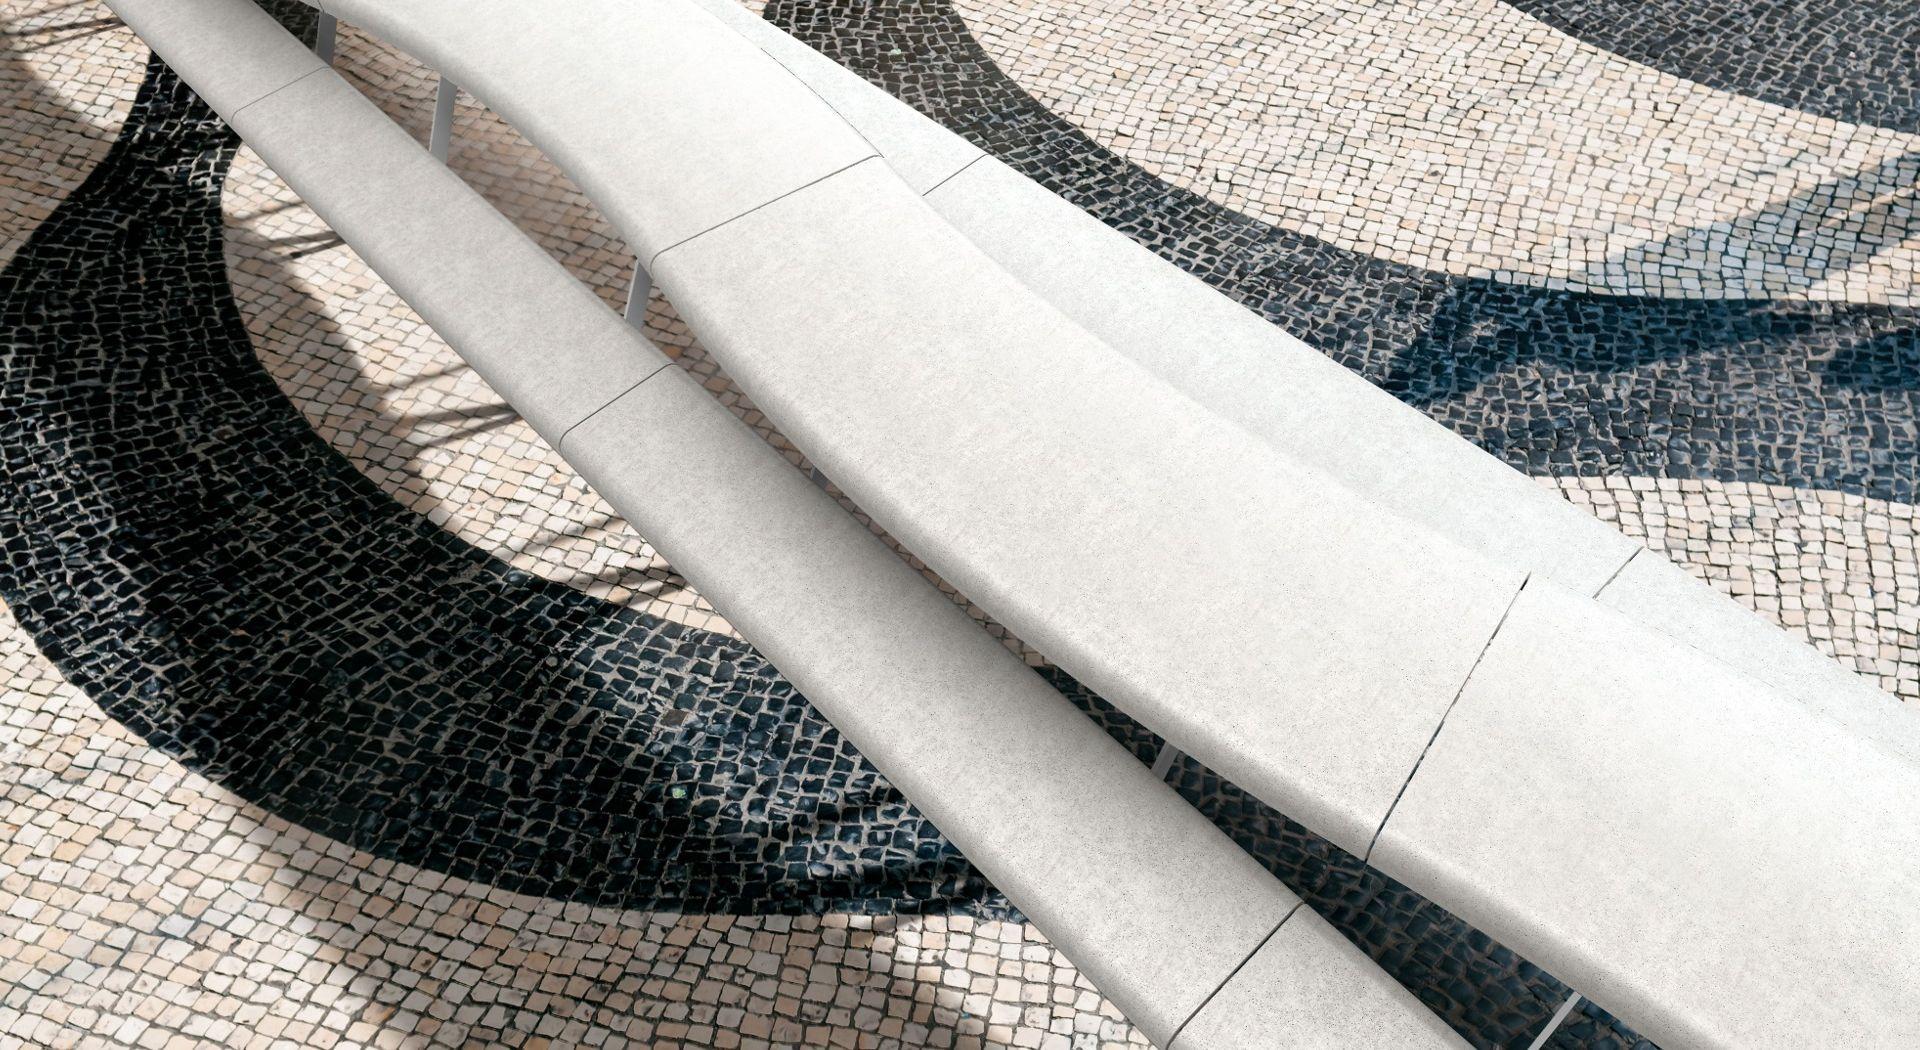 AIR C banquette-table pique nique béton UHPC│METALCO fabricant mobilier urbain